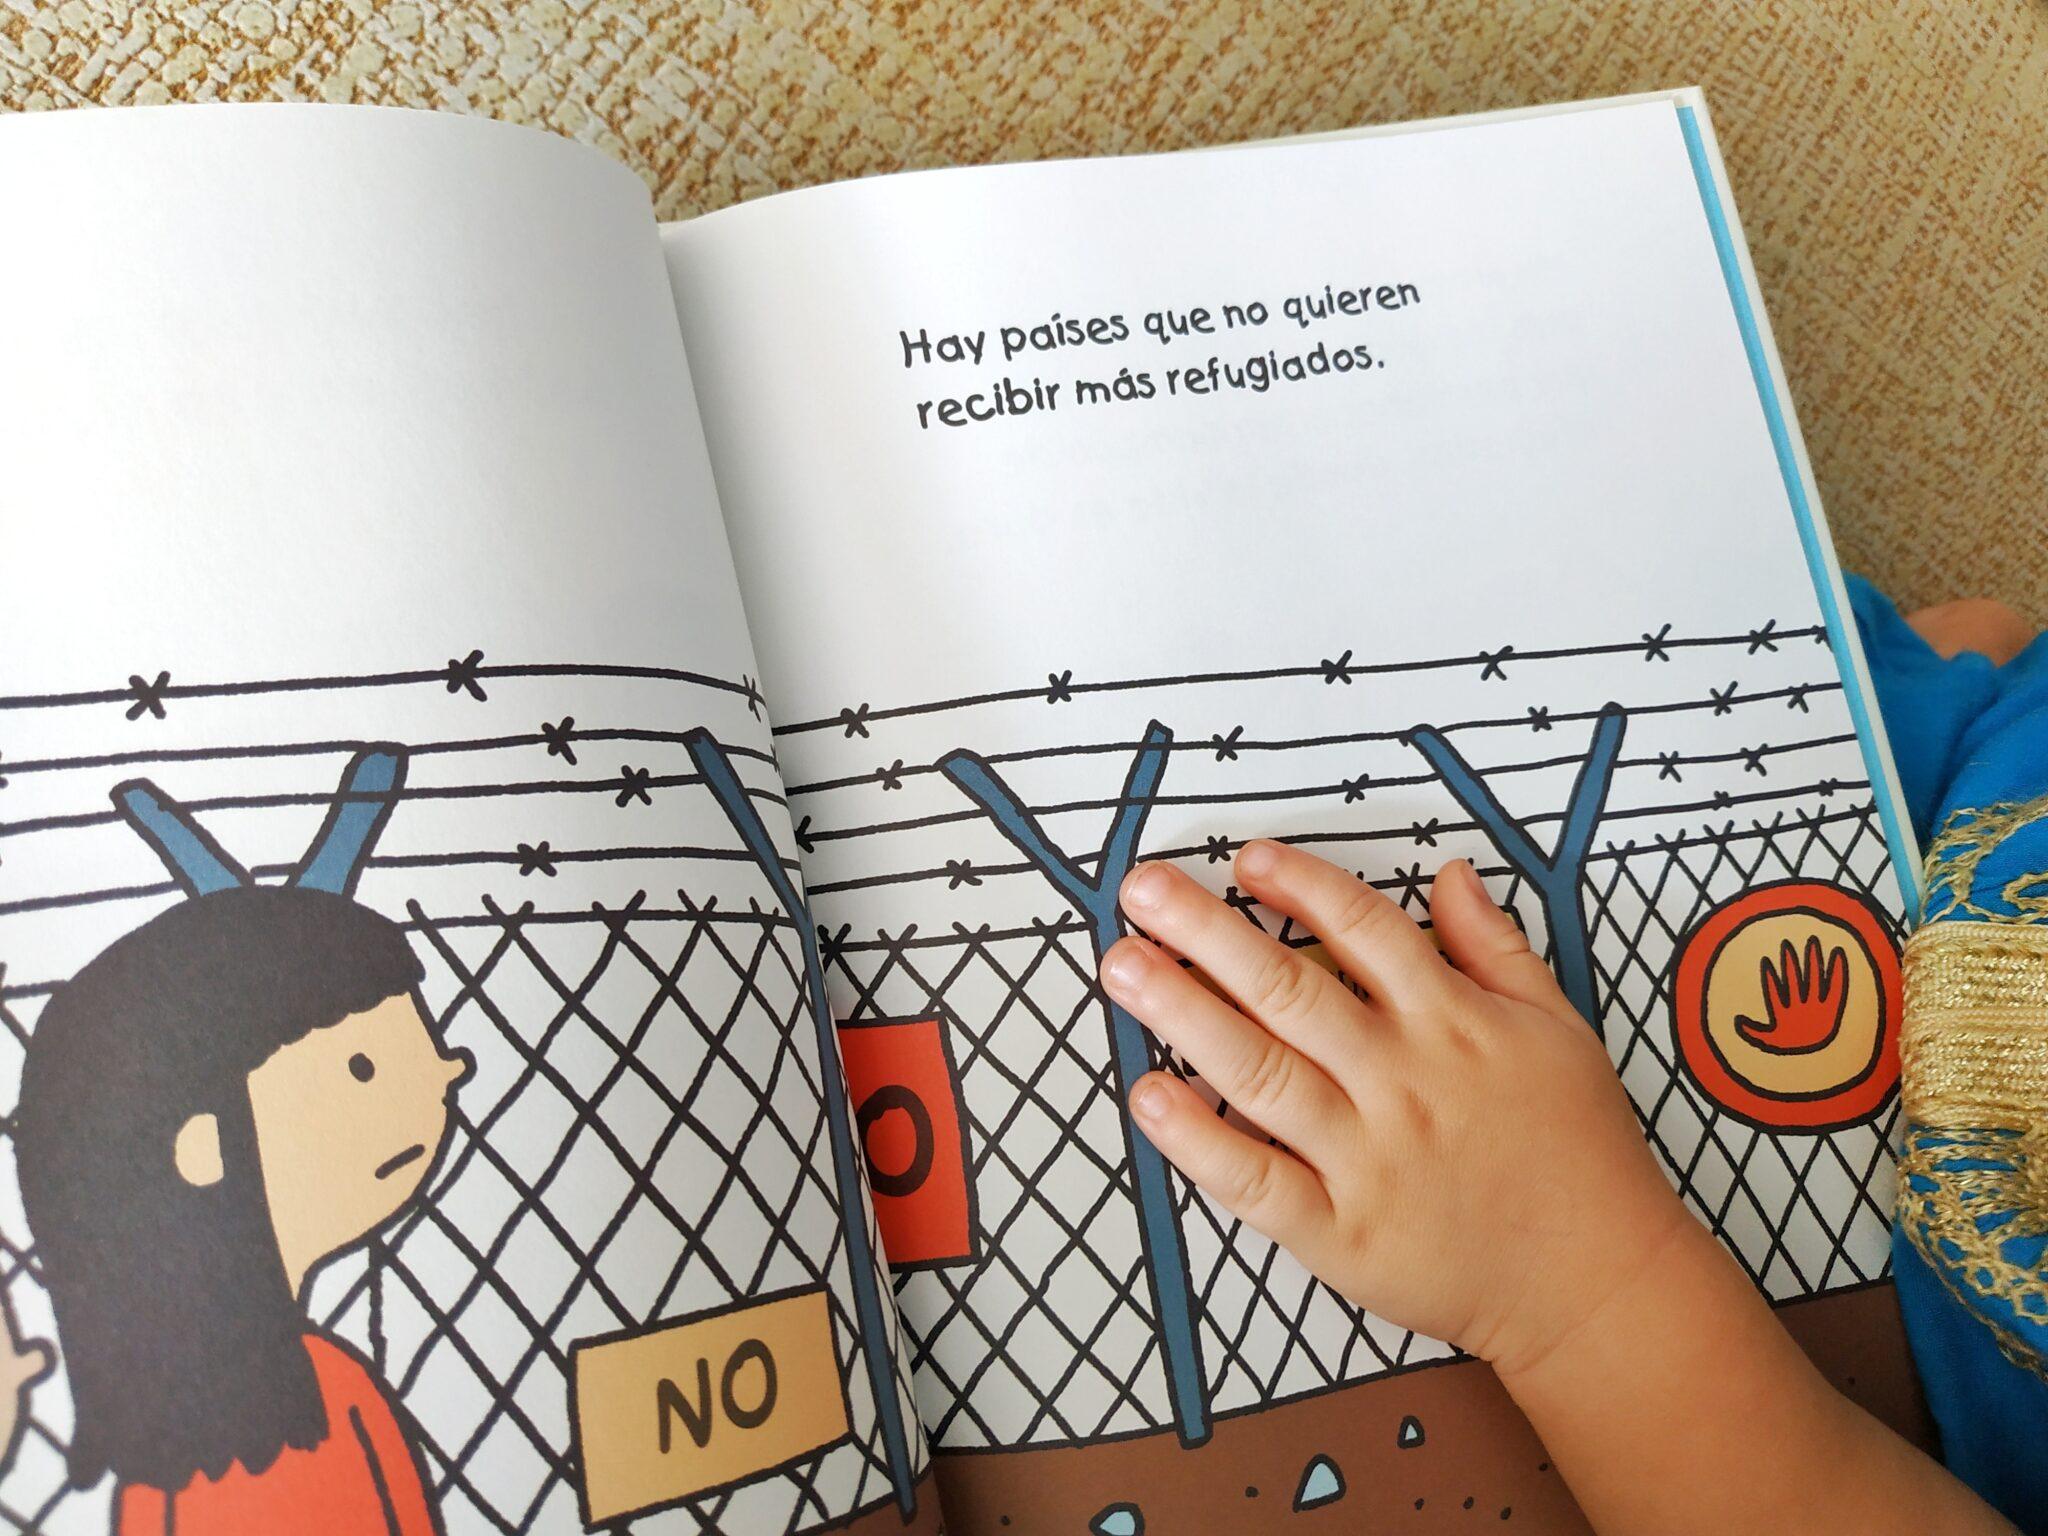 IMG 20200923 124032 02 scaled - Cómo explicar a los niños qué es un refugiado